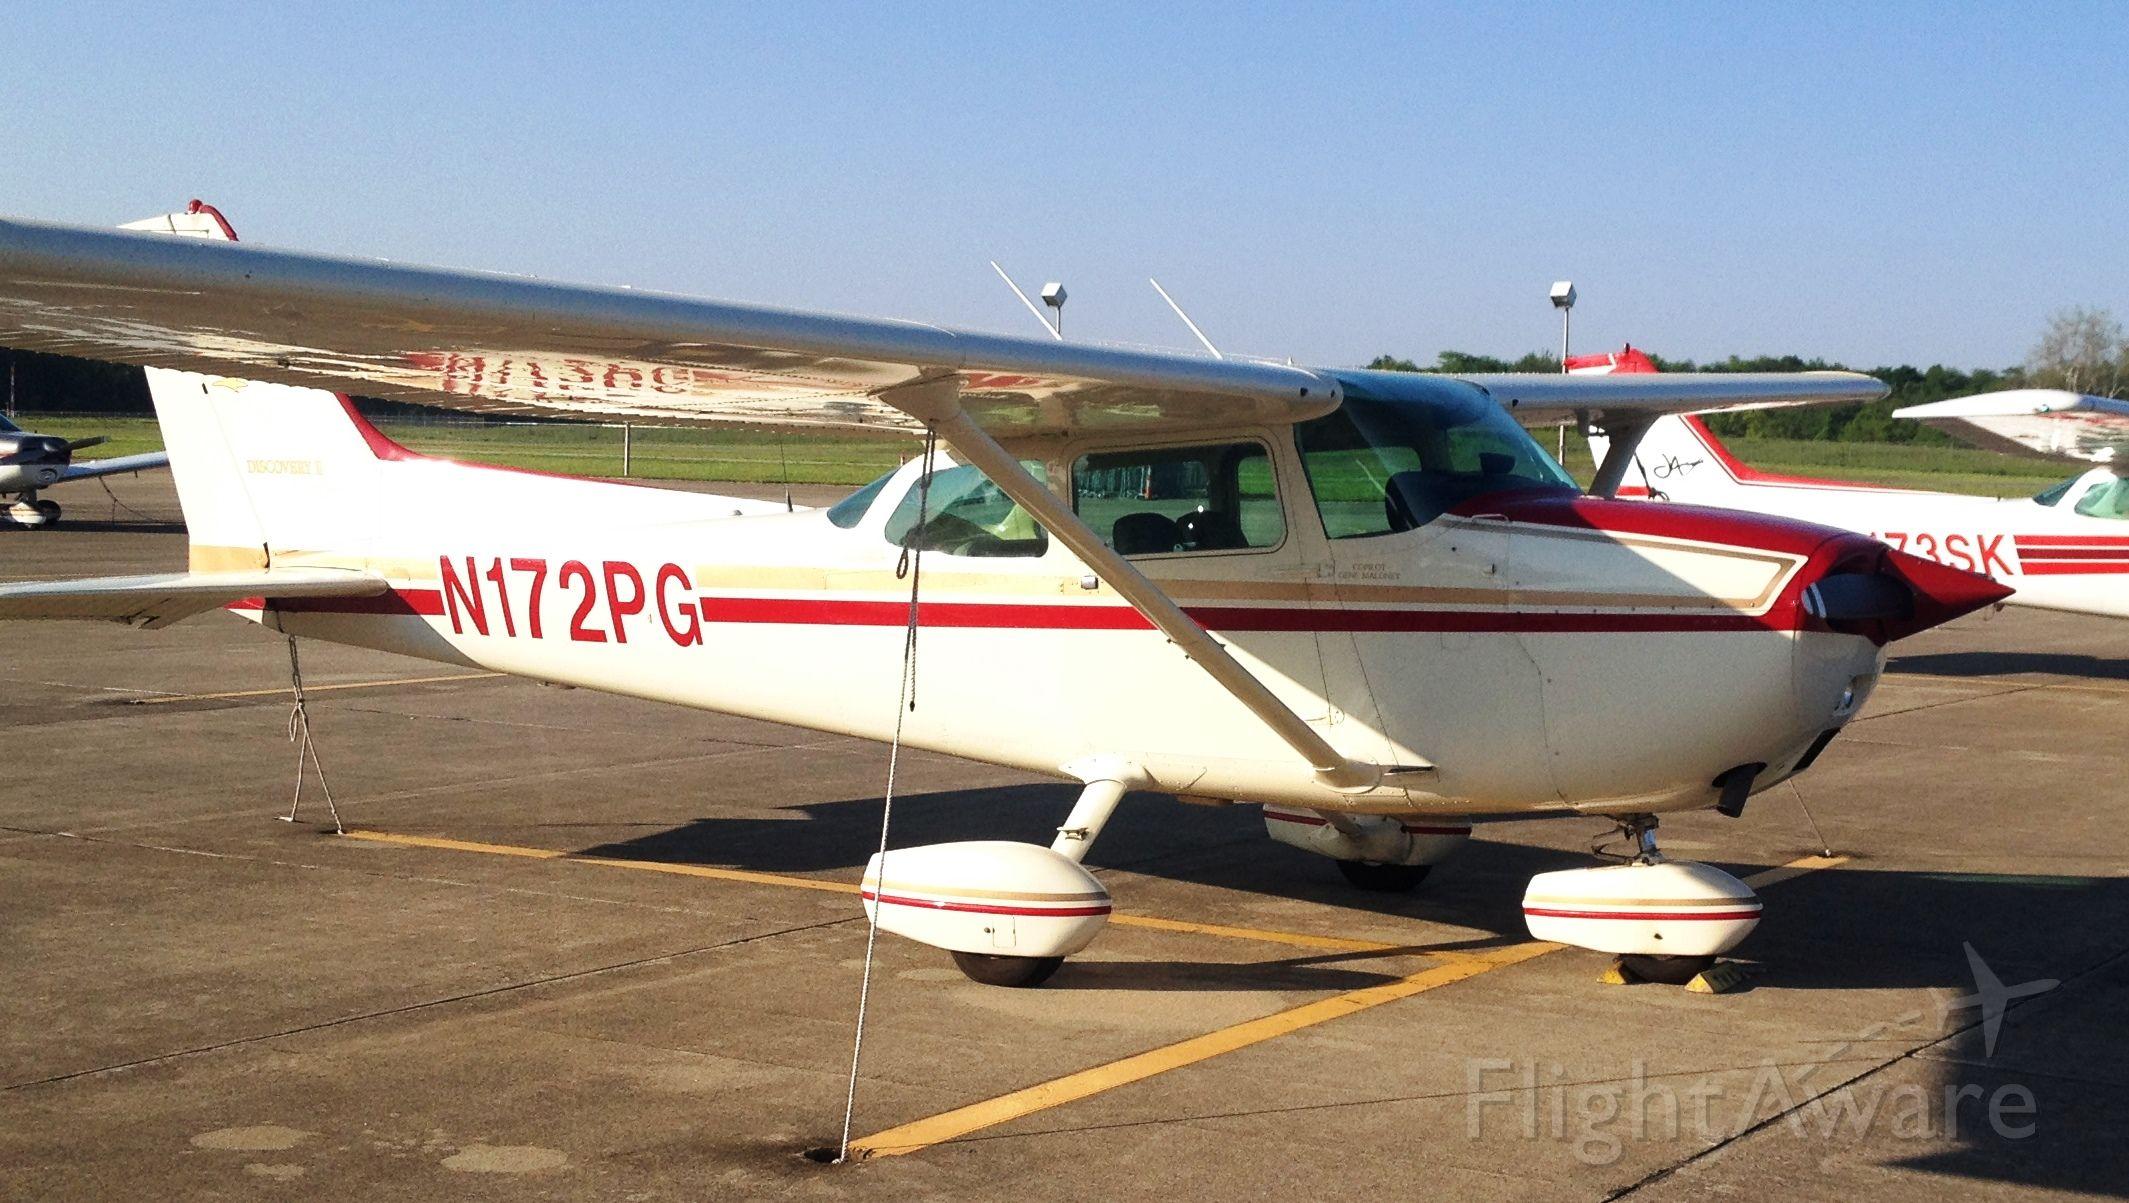 Cessna Skyhawk (N172PG)